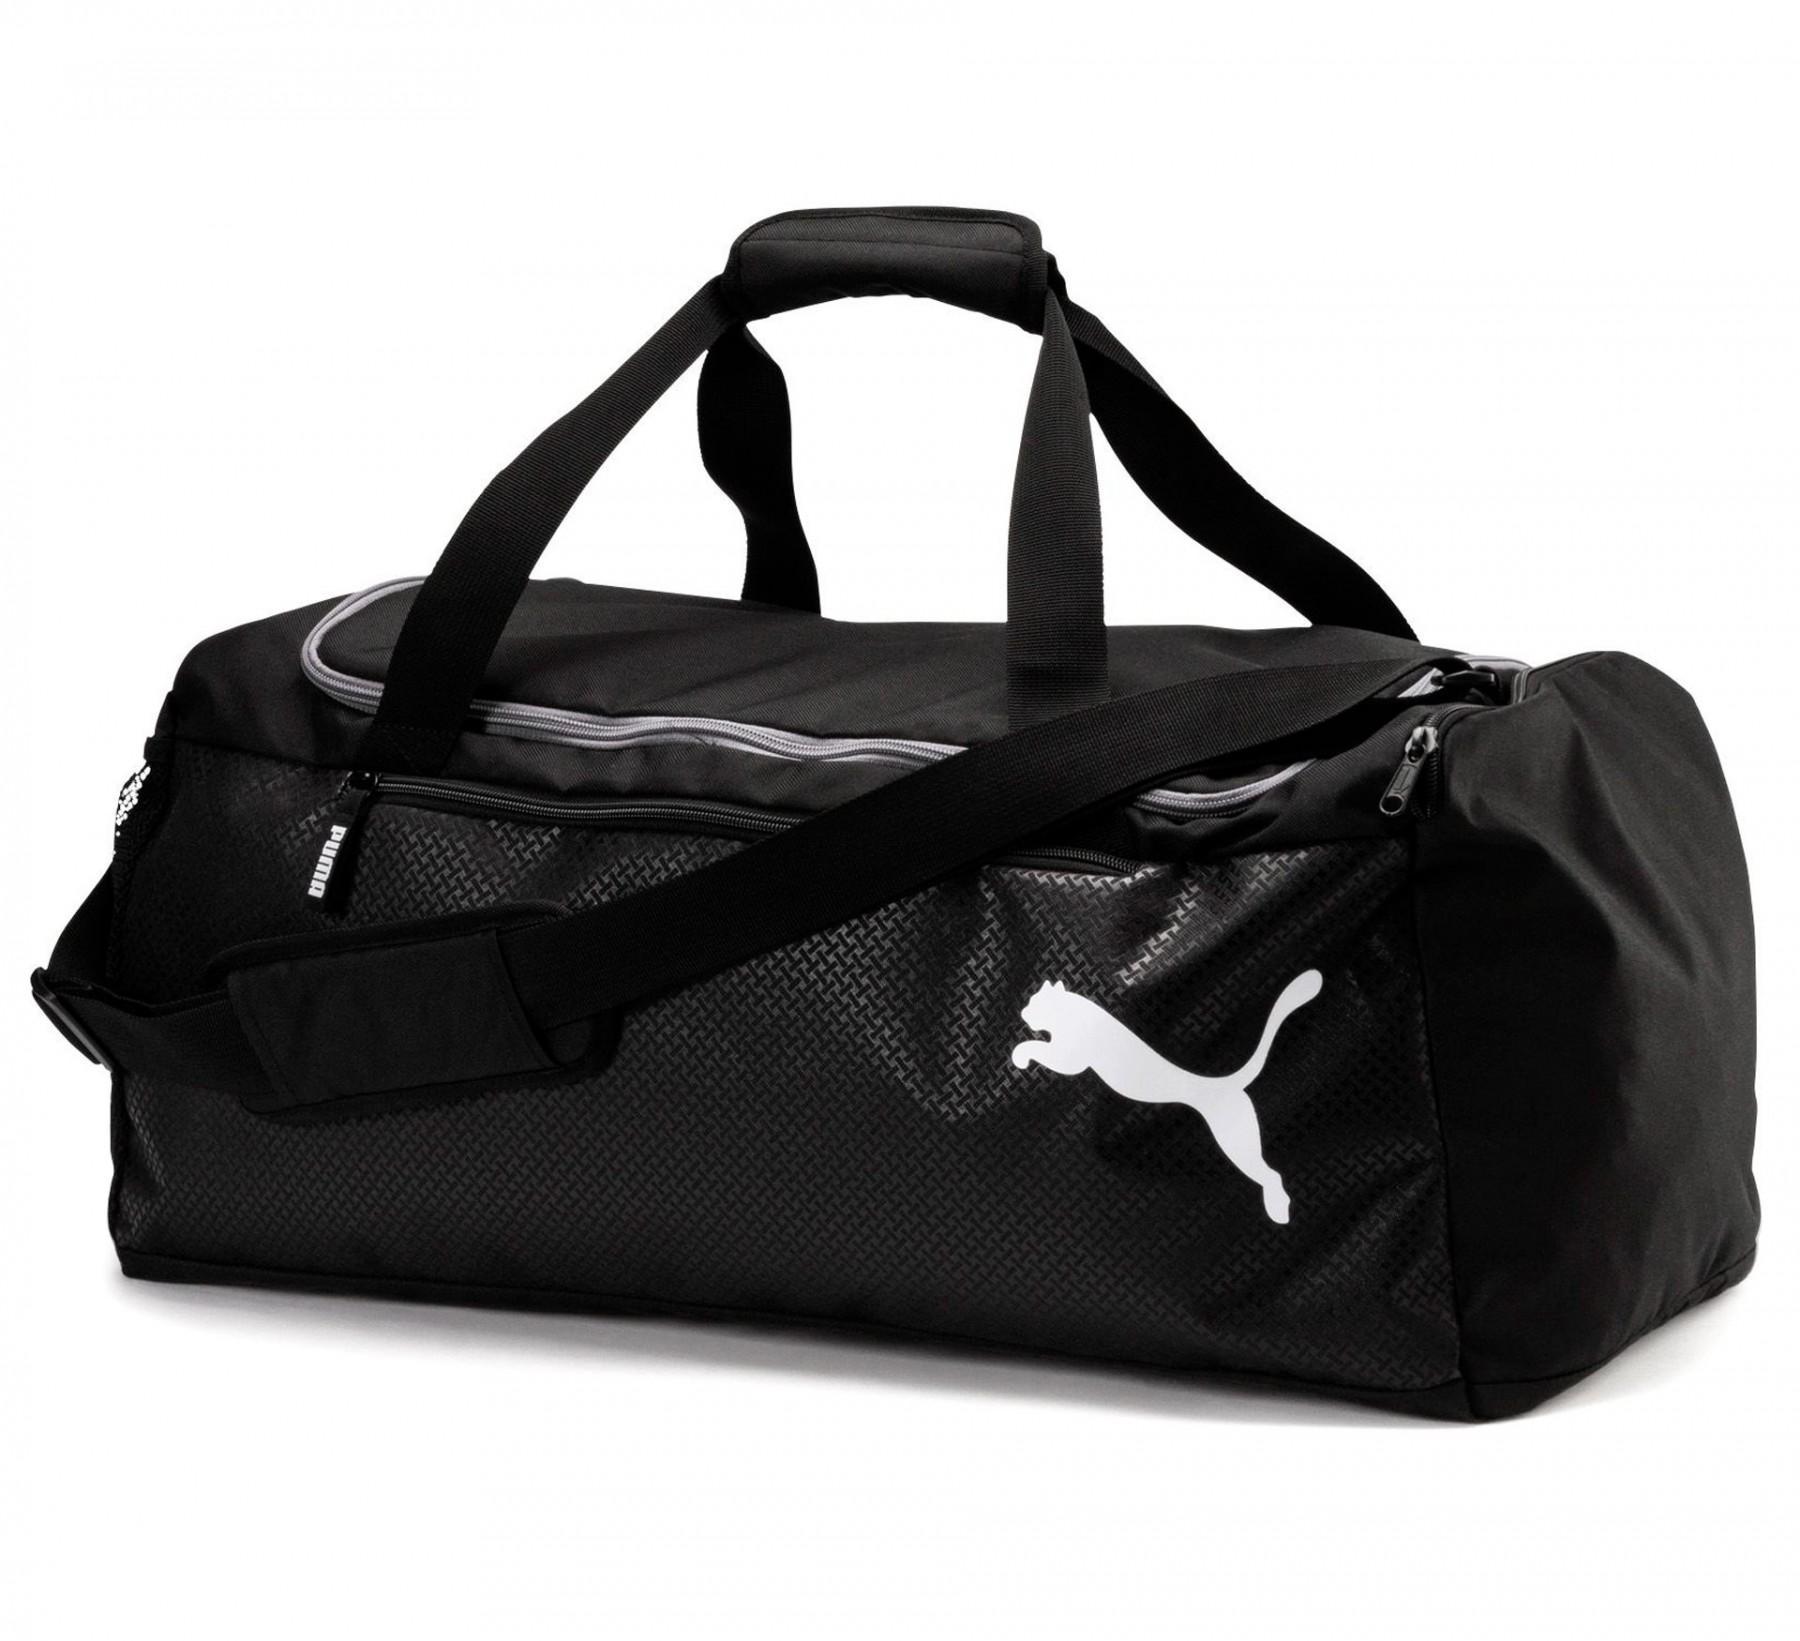 Tas Olahraga Puma Fundamentals Sports Bag M - 07552801 - Hitam By Sarangsepatu.